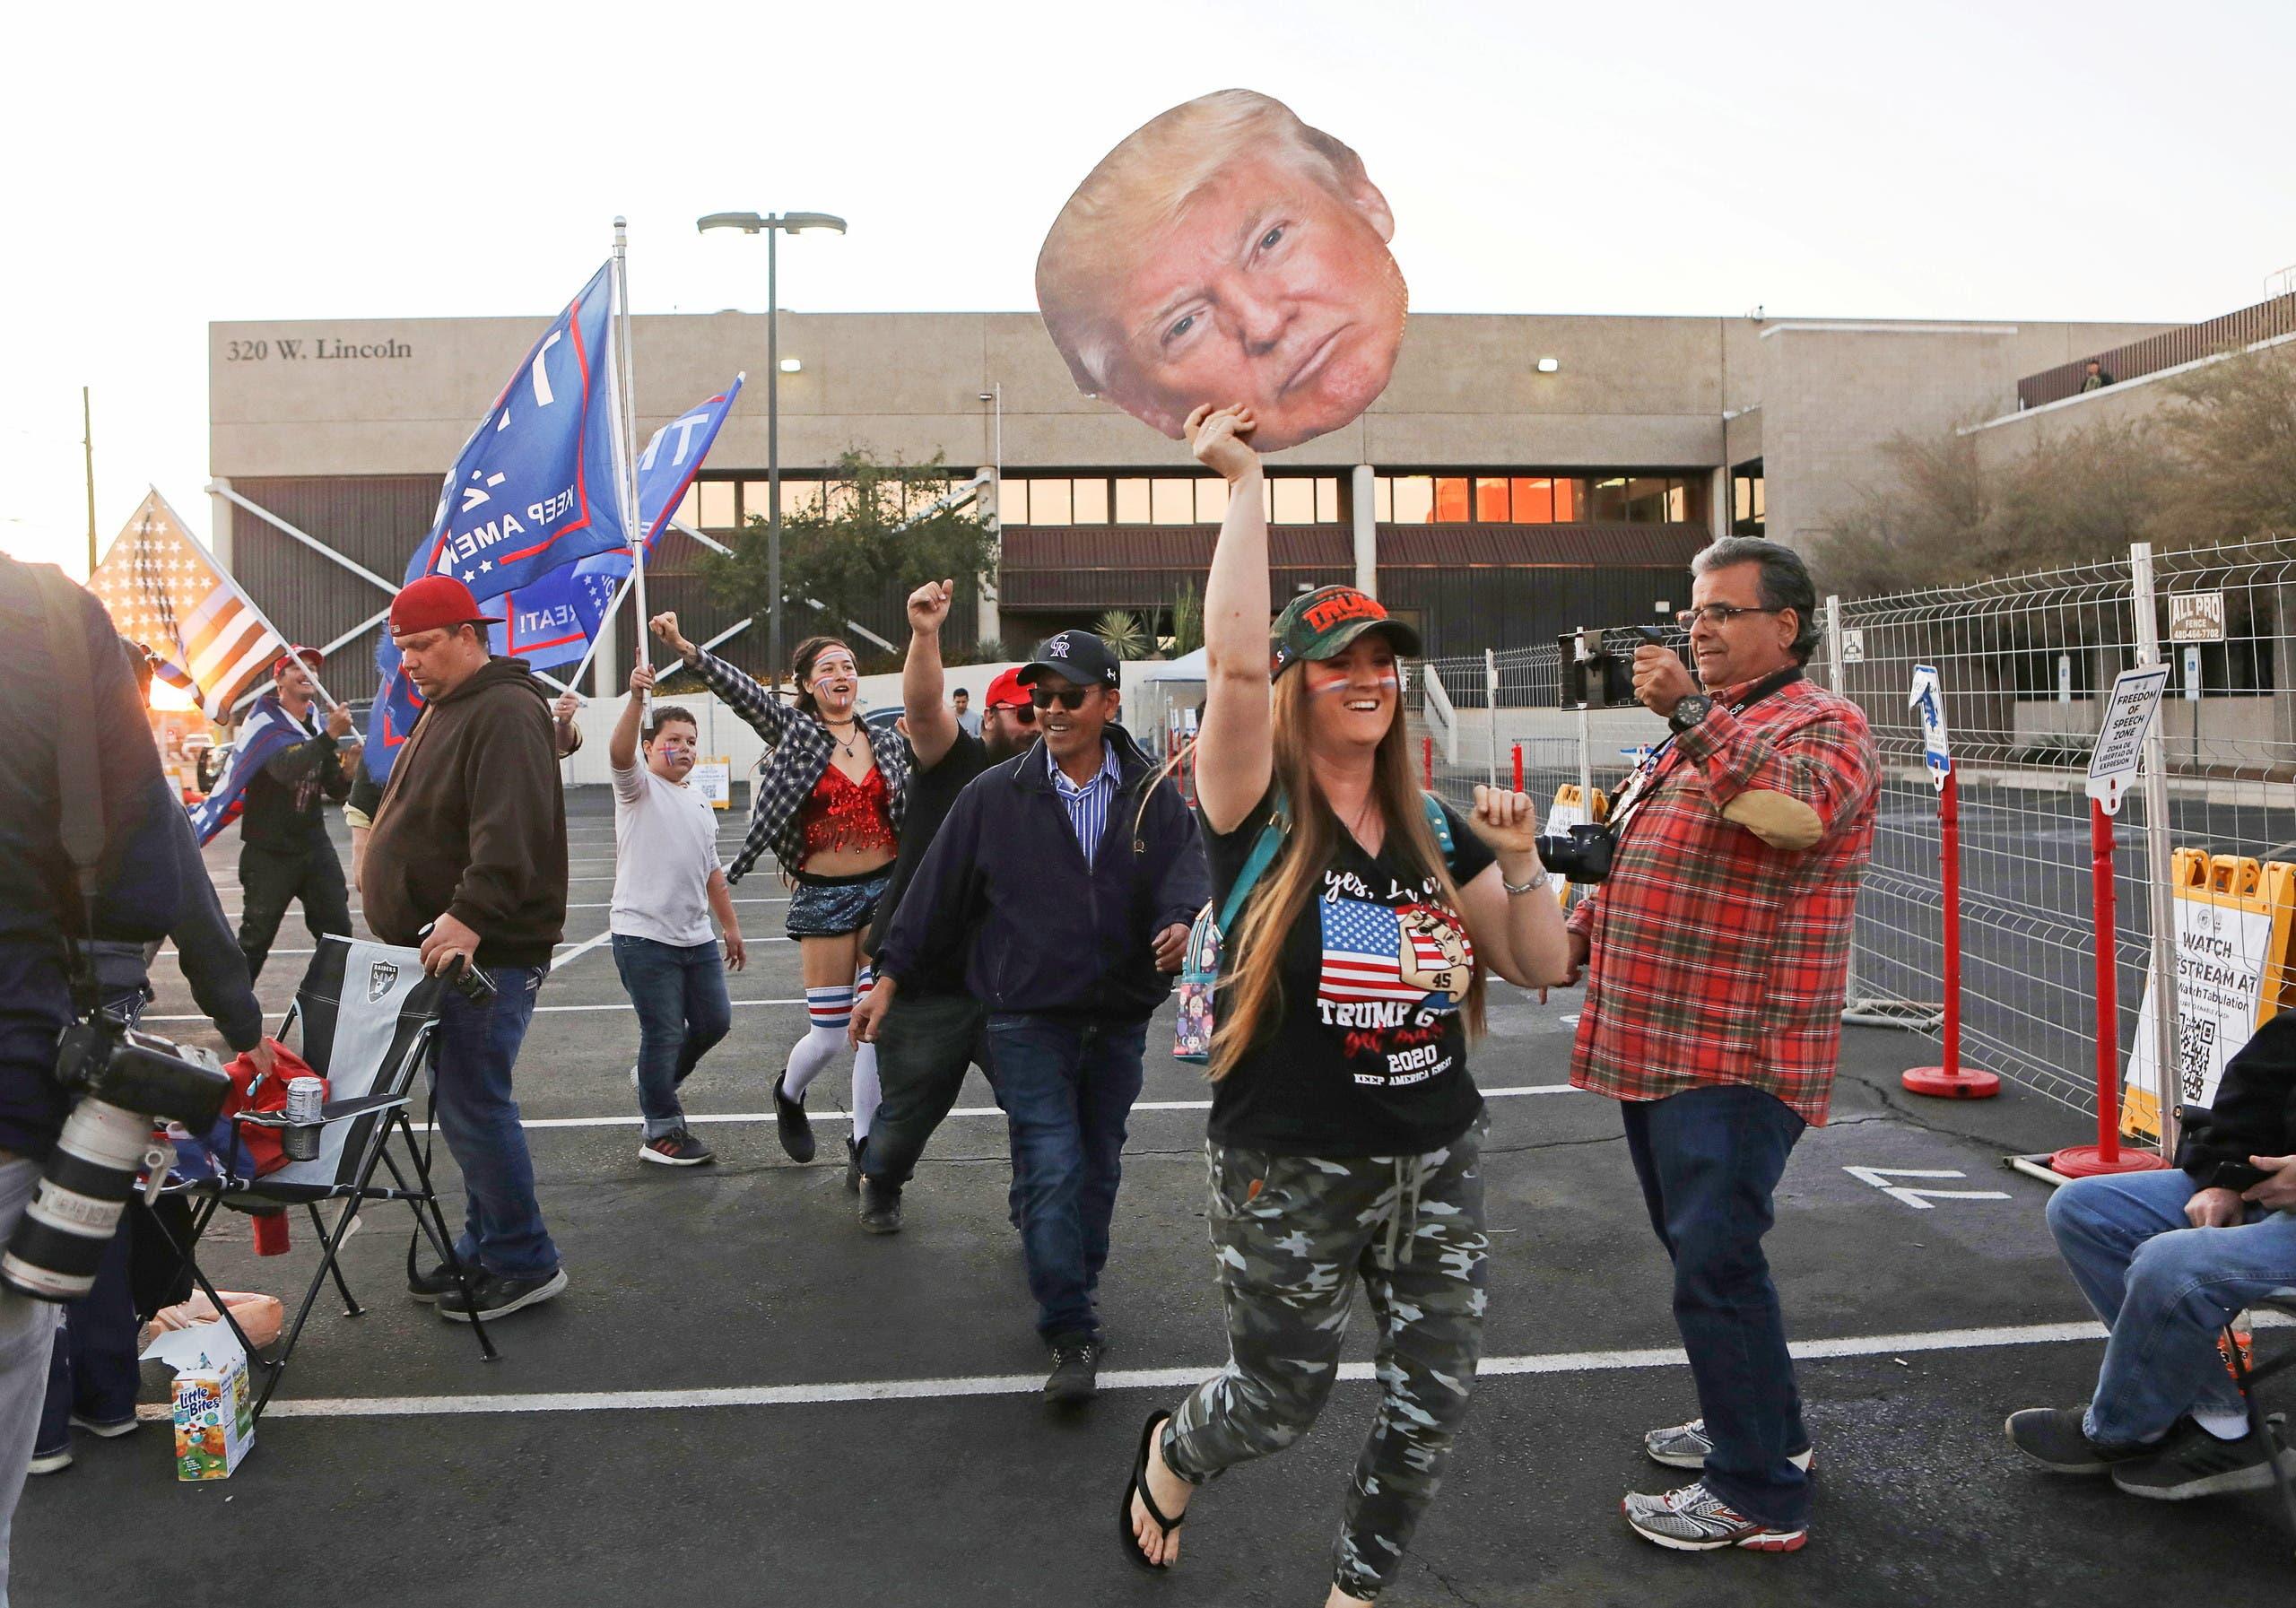 مناصرون لترمب في أريزونا يعترضون على نتائج الانتخابات